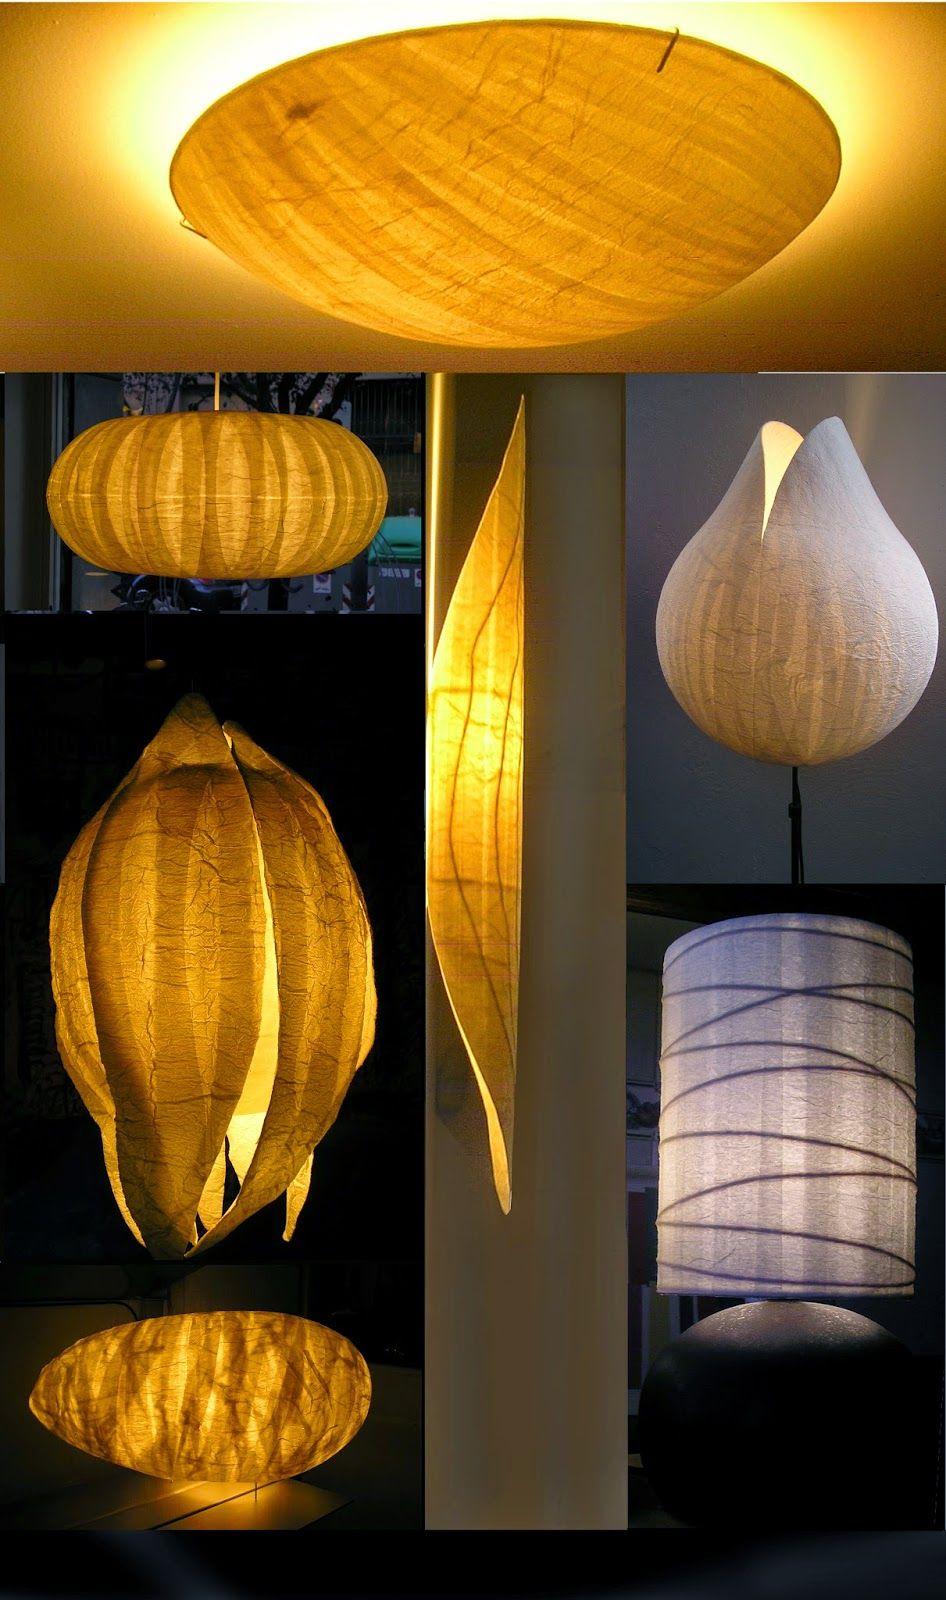 #SIDIB #Biomimicry #Architechture #Biomimesis #Biomimetica